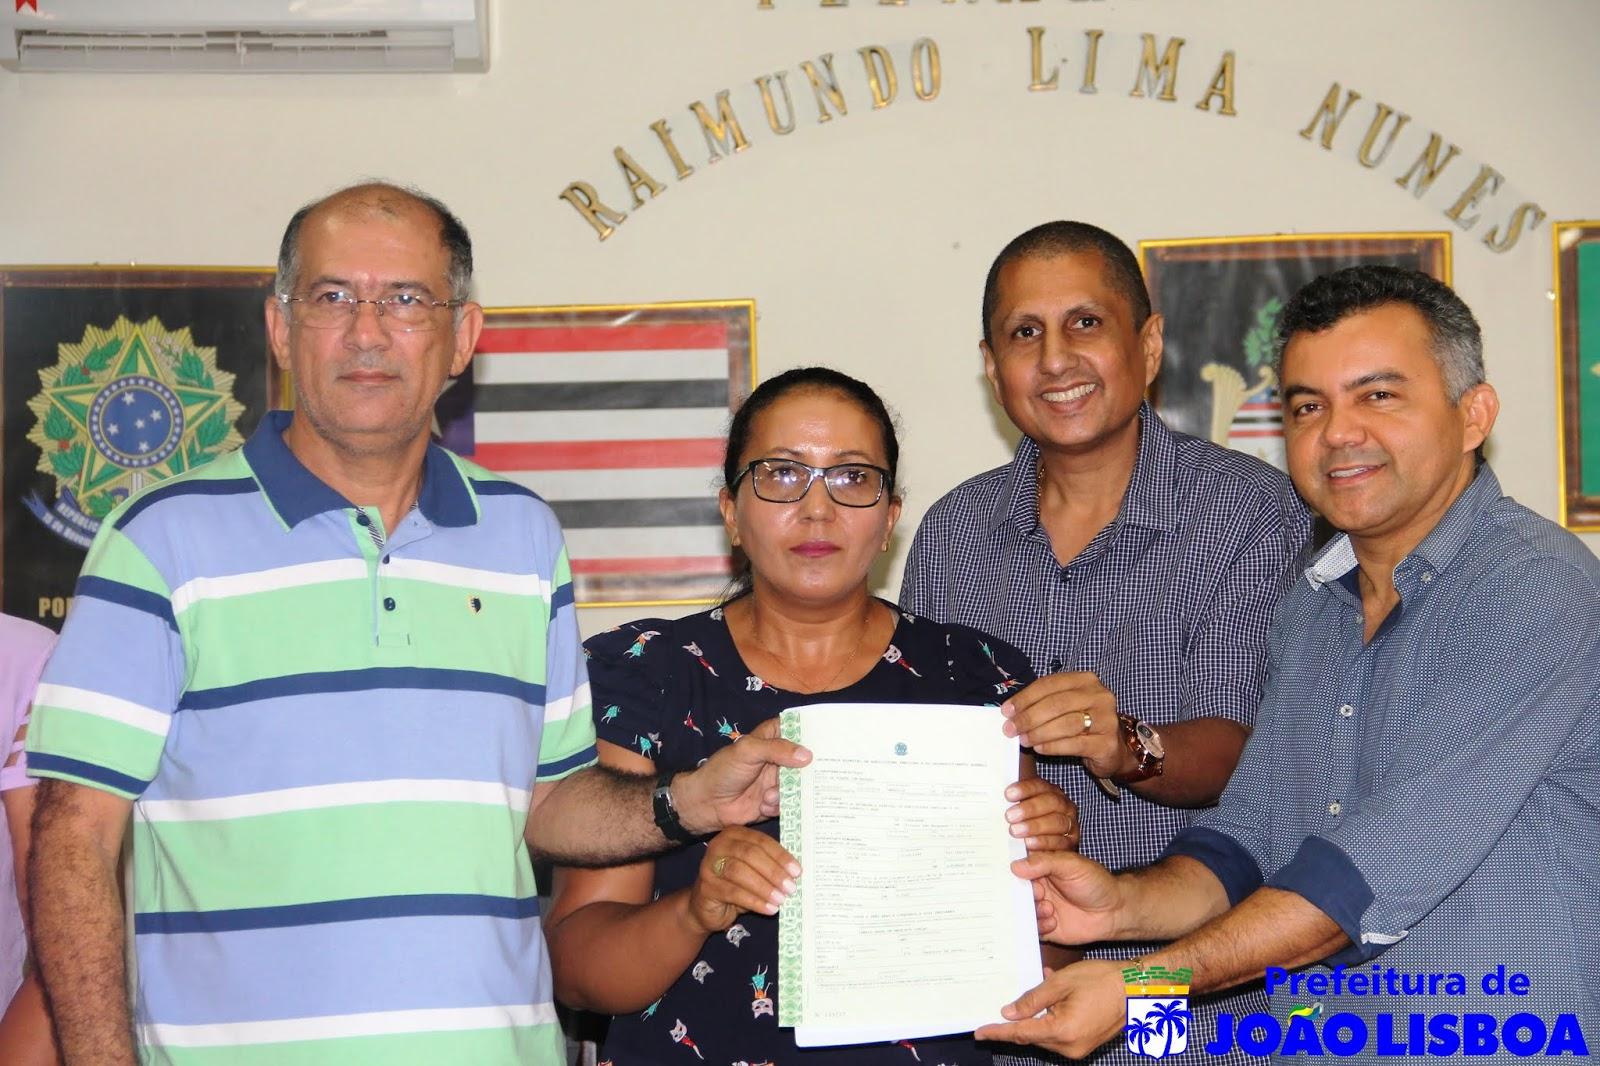 Prefeitura de João Lisboa e INCRA entregam Título de Urbanização aos Moradores do Povoado São Raimundo